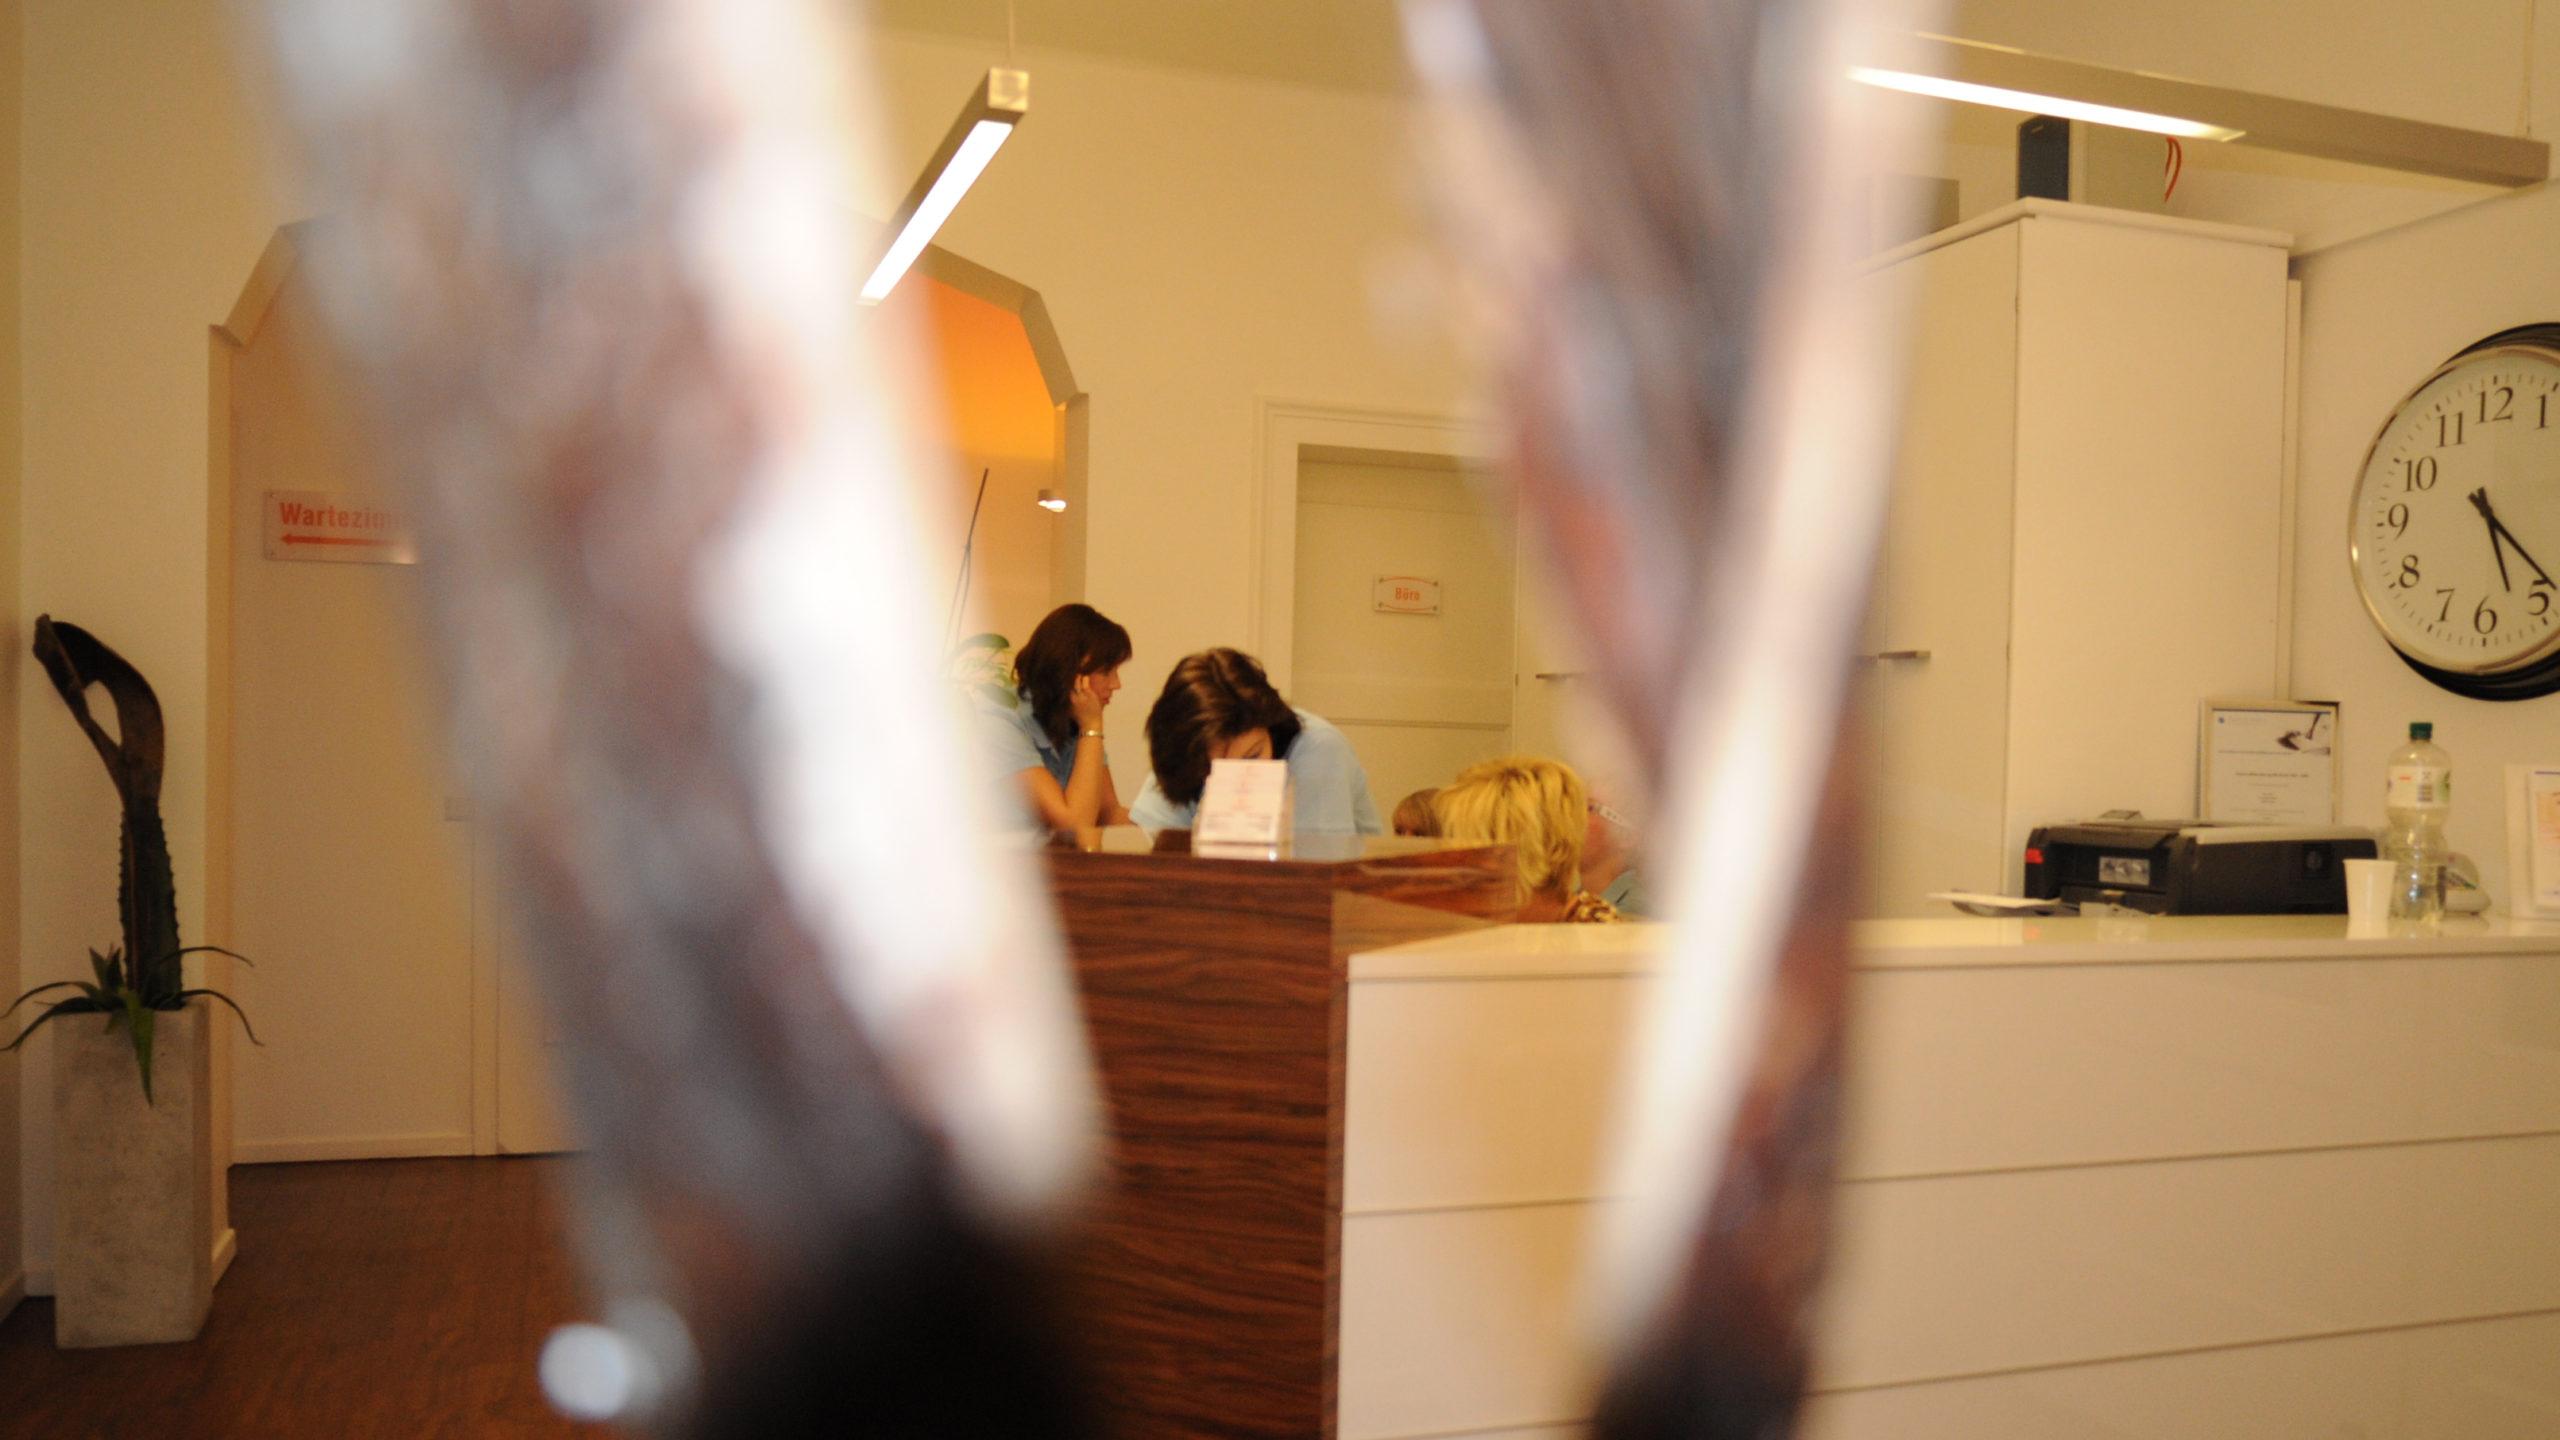 Zahnärztliche Gemeinschaftspraxis Enscheder Strasse 1 Foto Impression vom Empfang